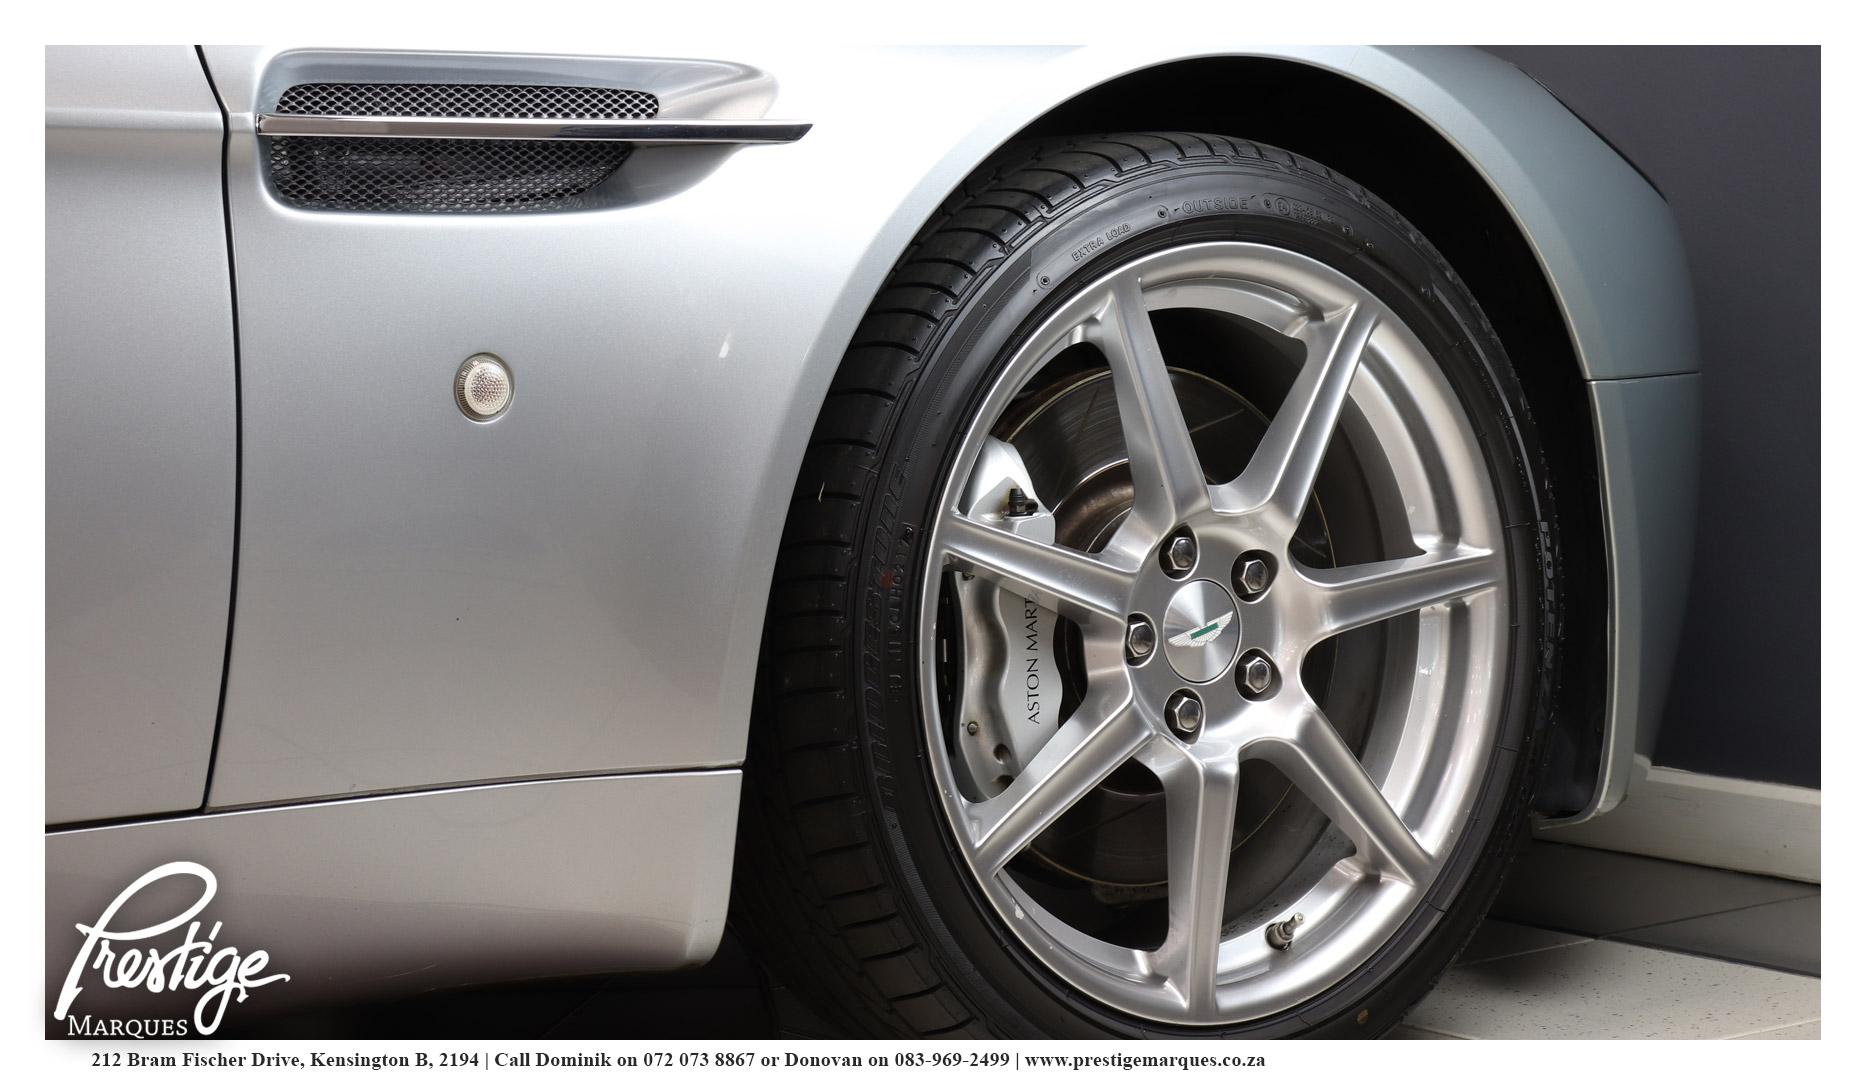 Aston-Martin-V8-Vantage-Convertible-Auto-Prestige-Marques-Sandton-21